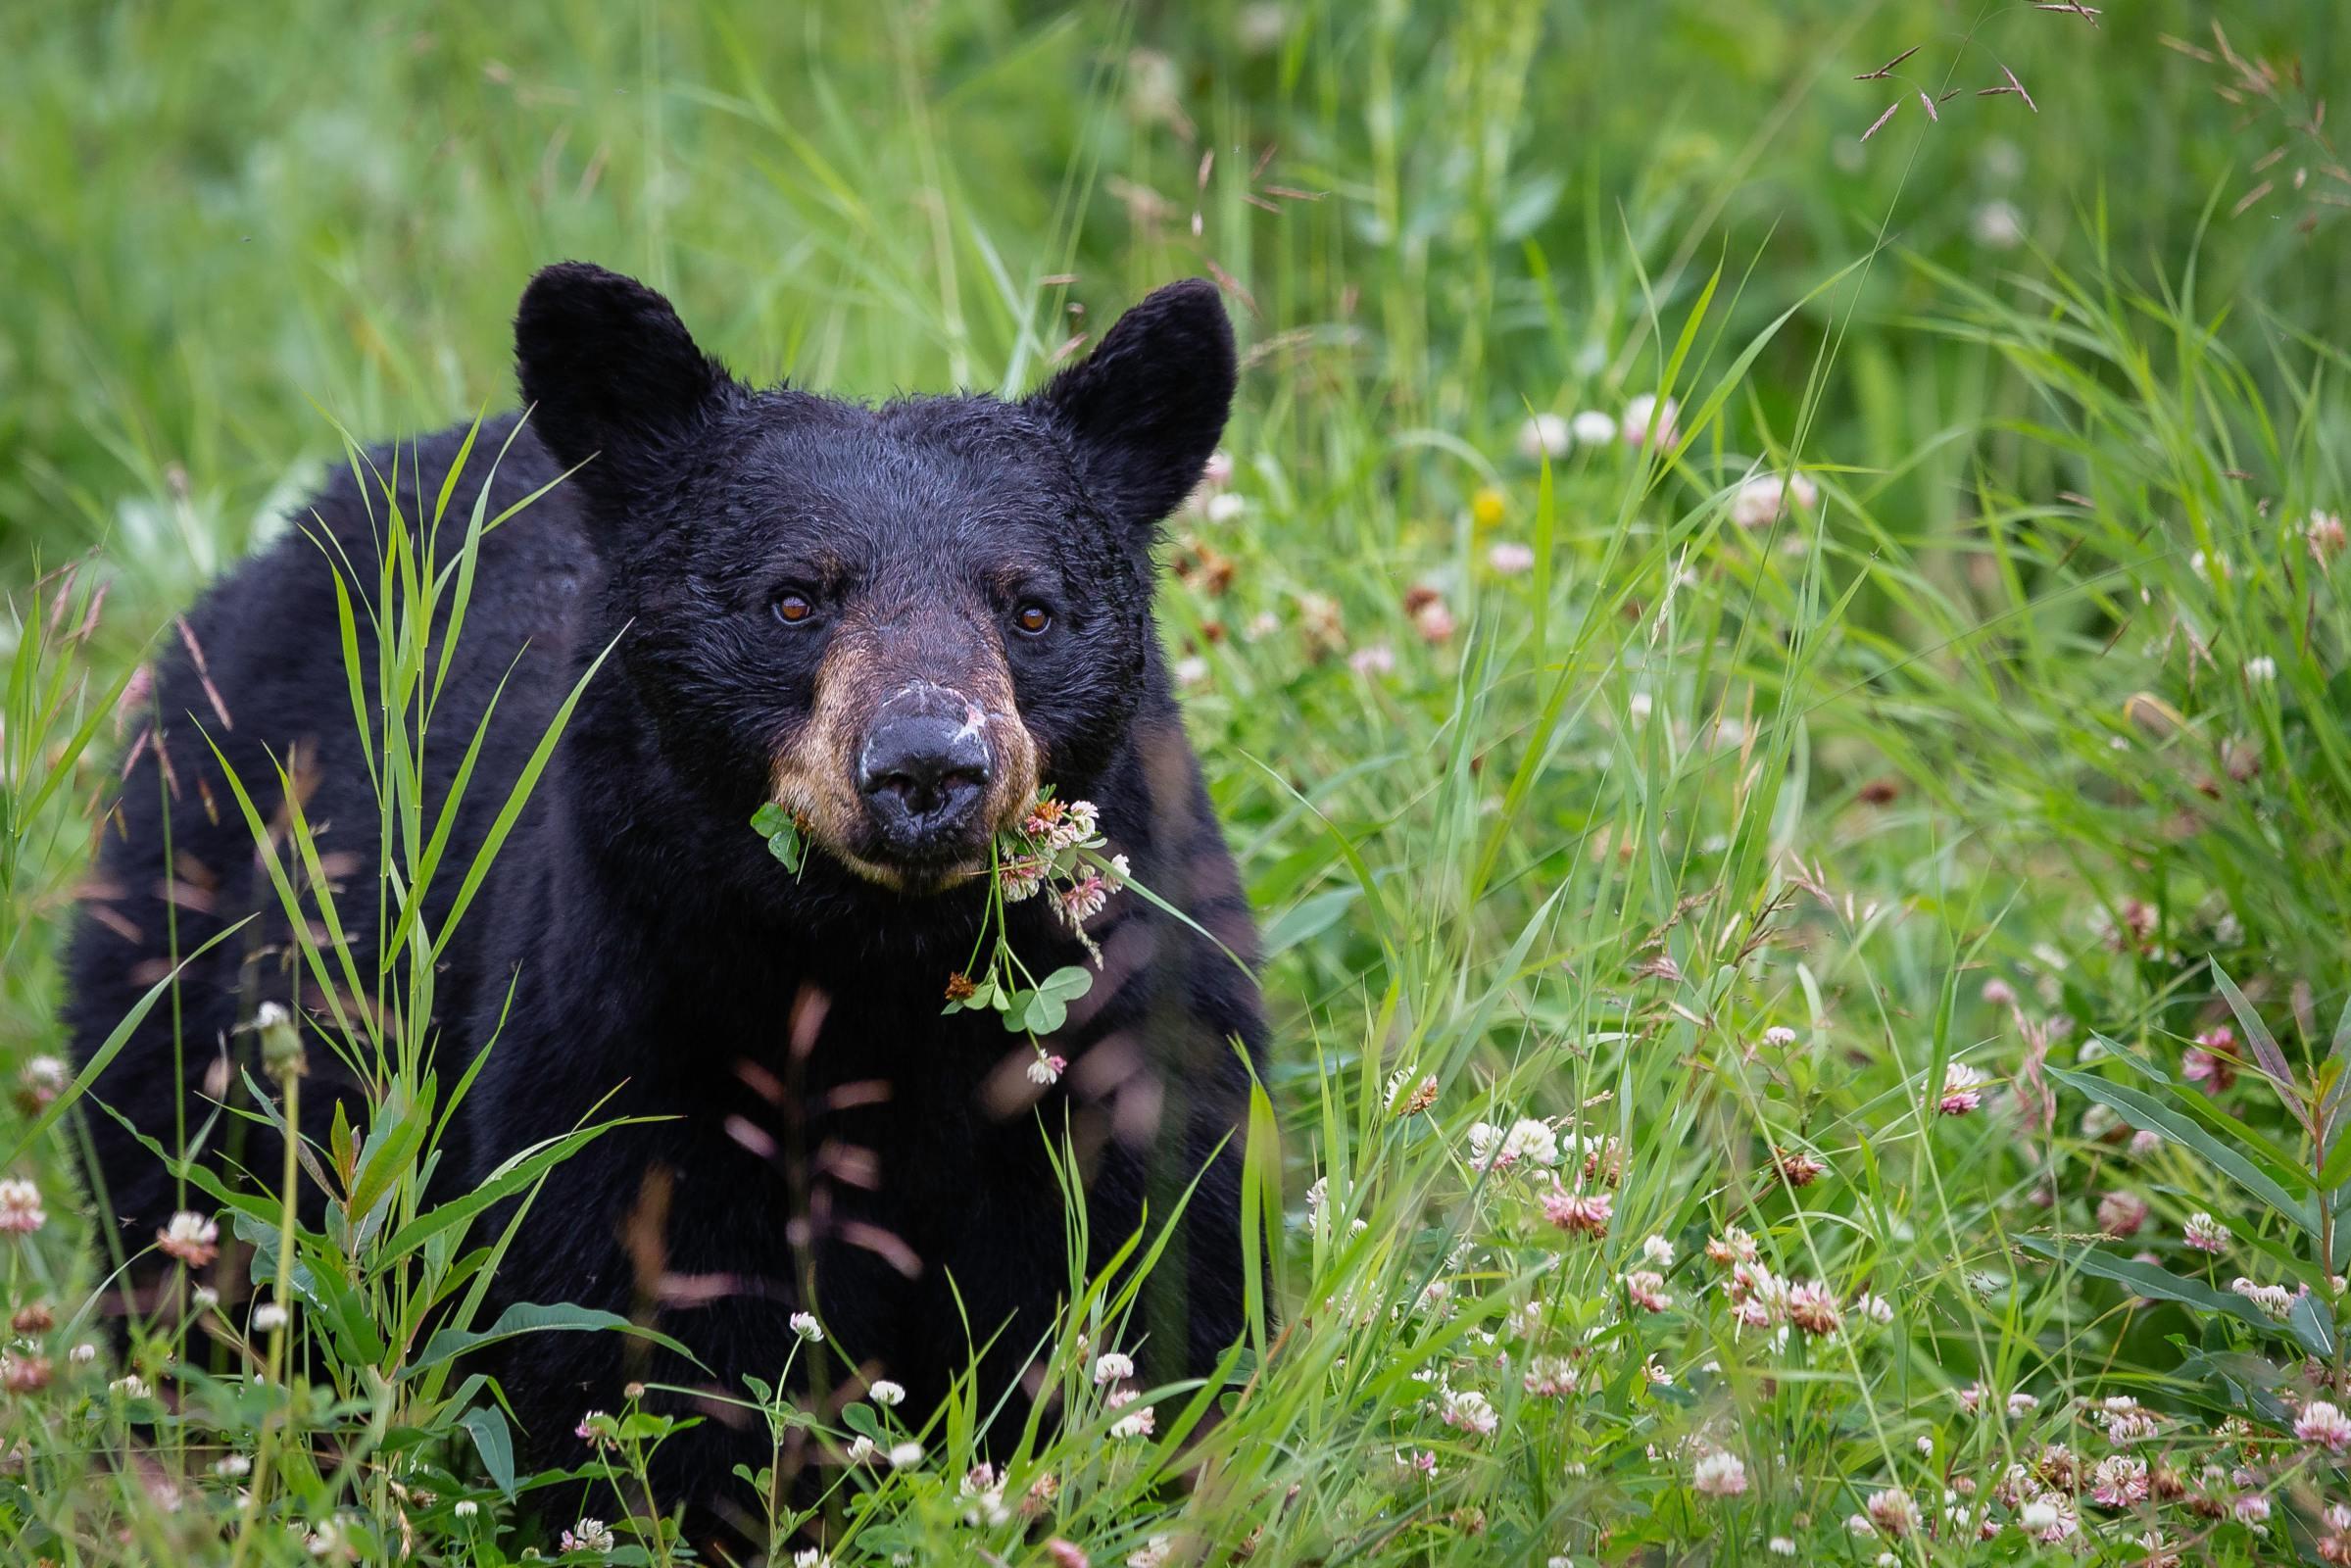 A bear eats grass in a field.